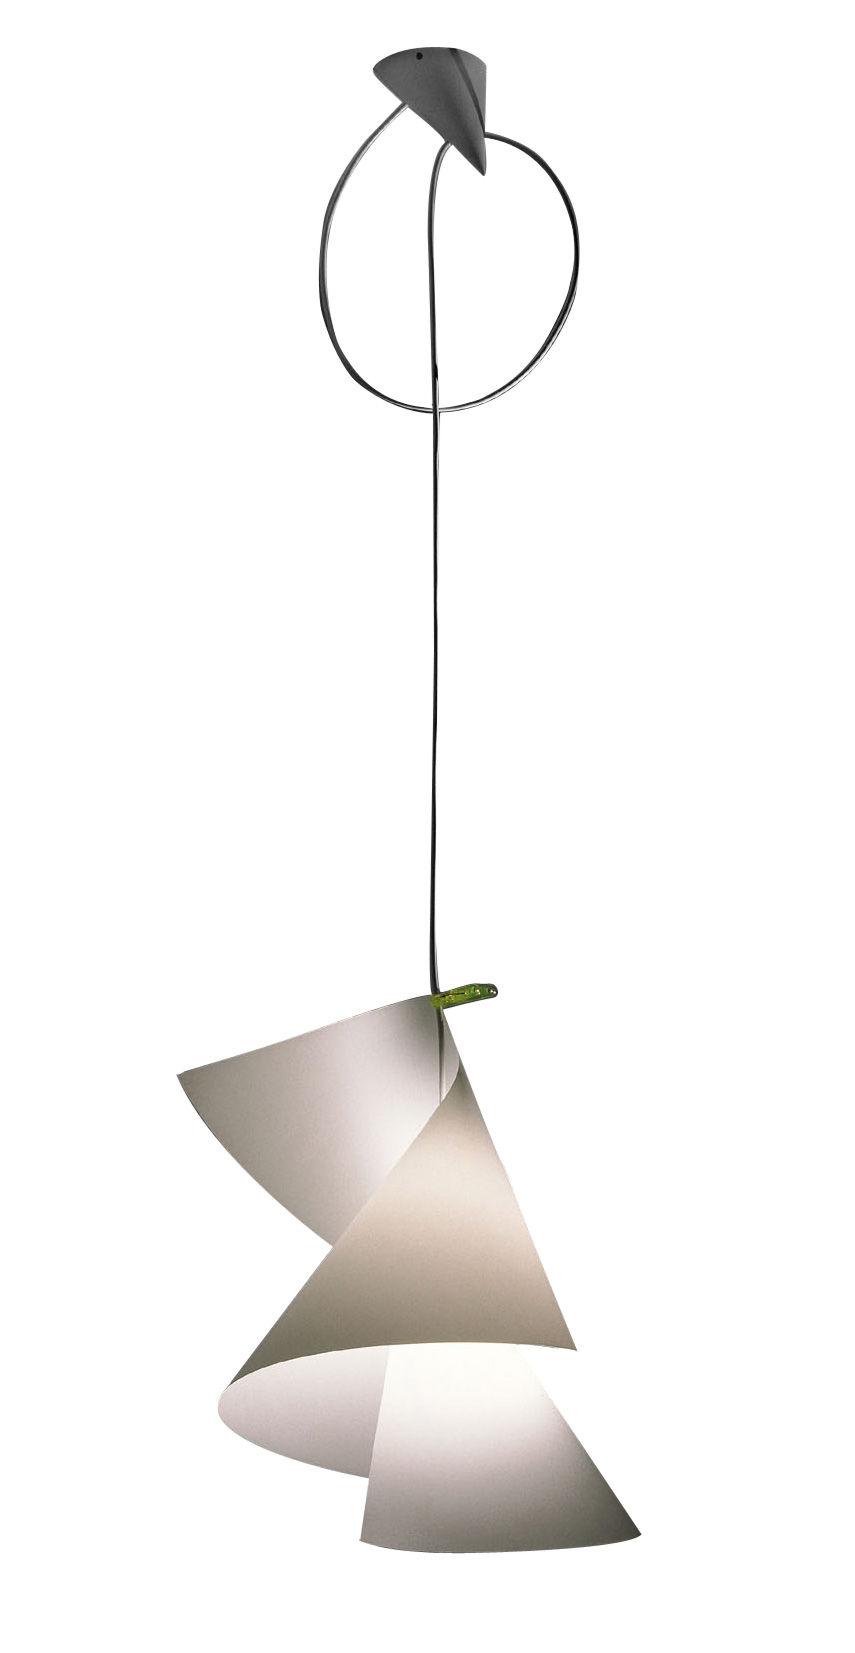 Leuchten - Pendelleuchten - WillyDilly Pendelleuchte - Ingo Maurer - Weiß transluzid - Hartpappe